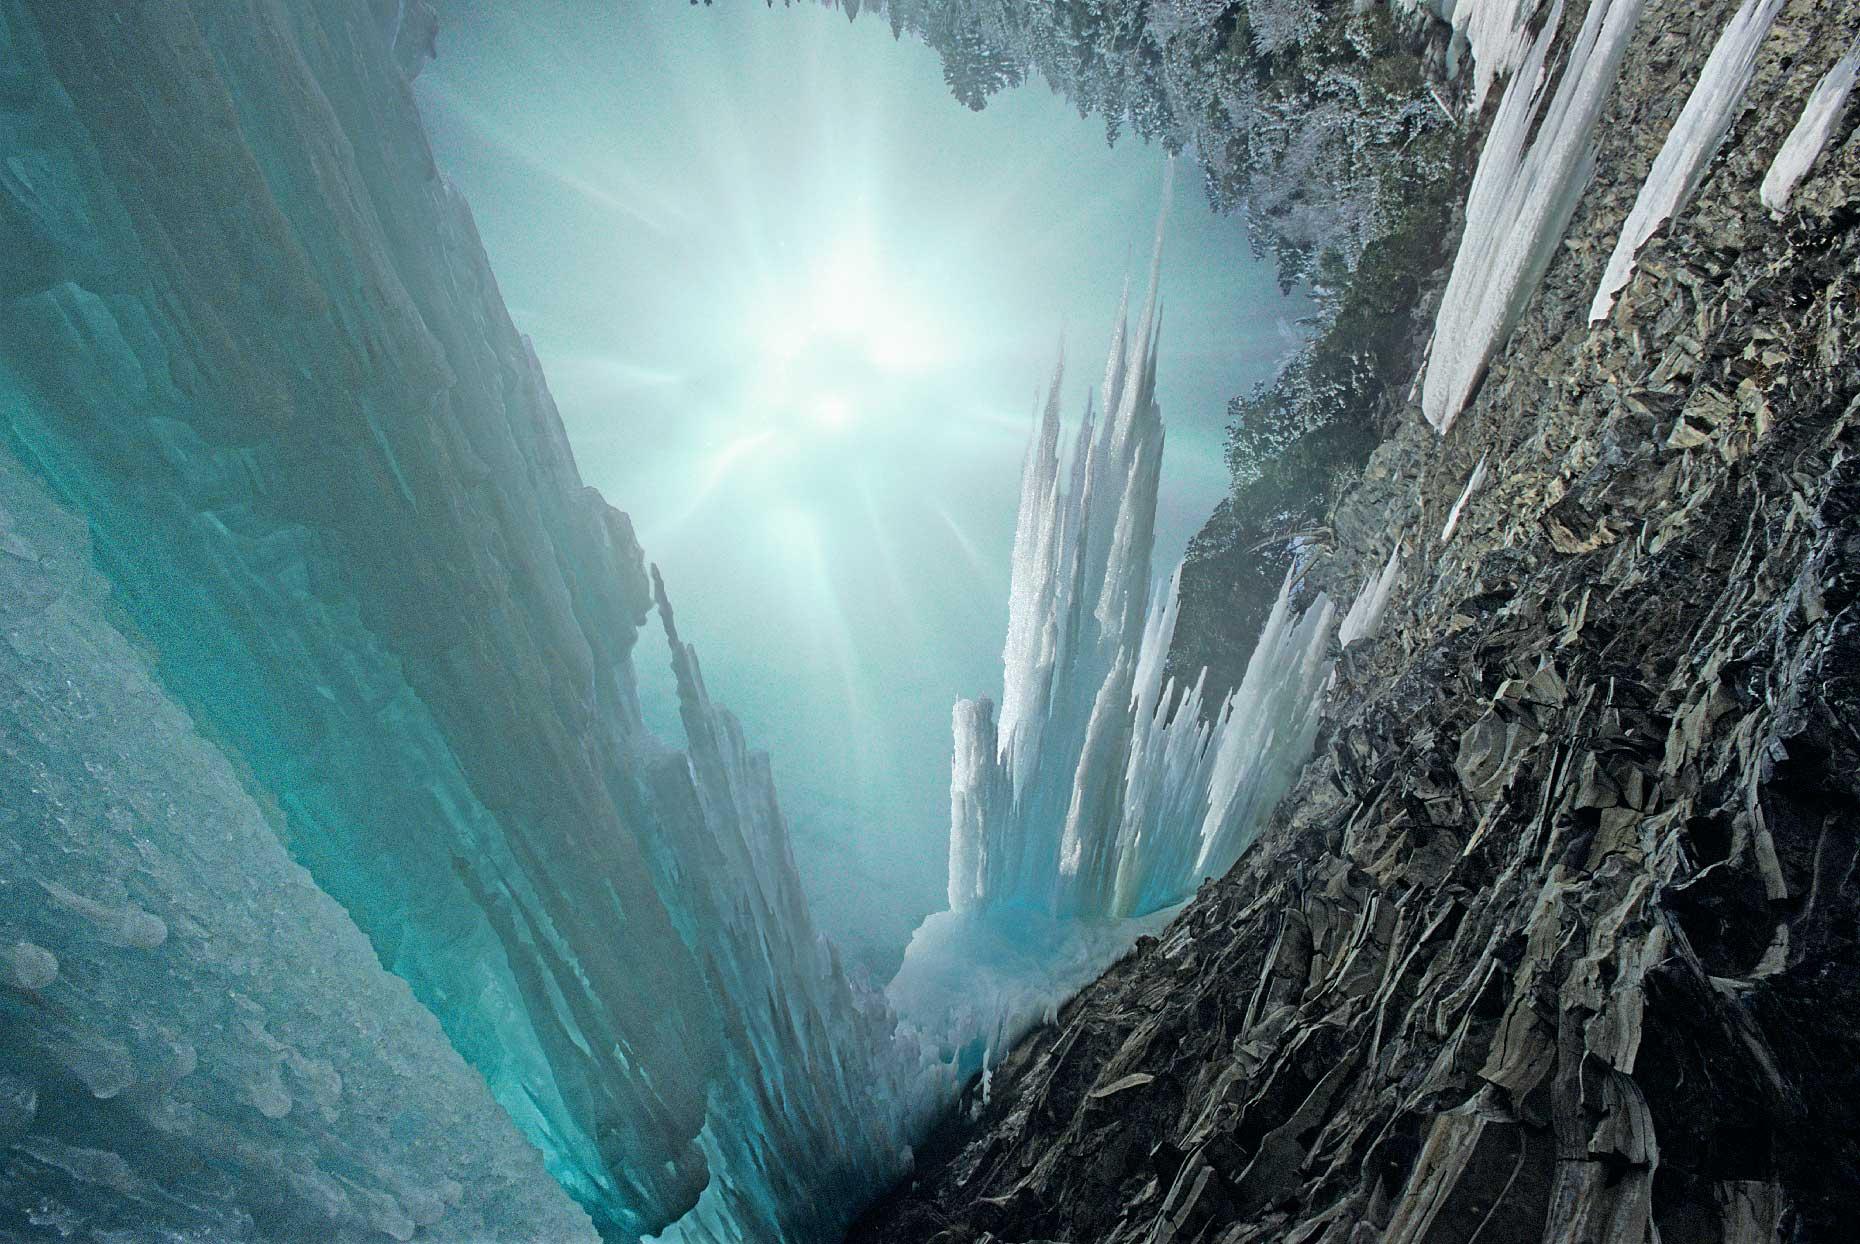 frozen_waterfall-copy3_web.jpg